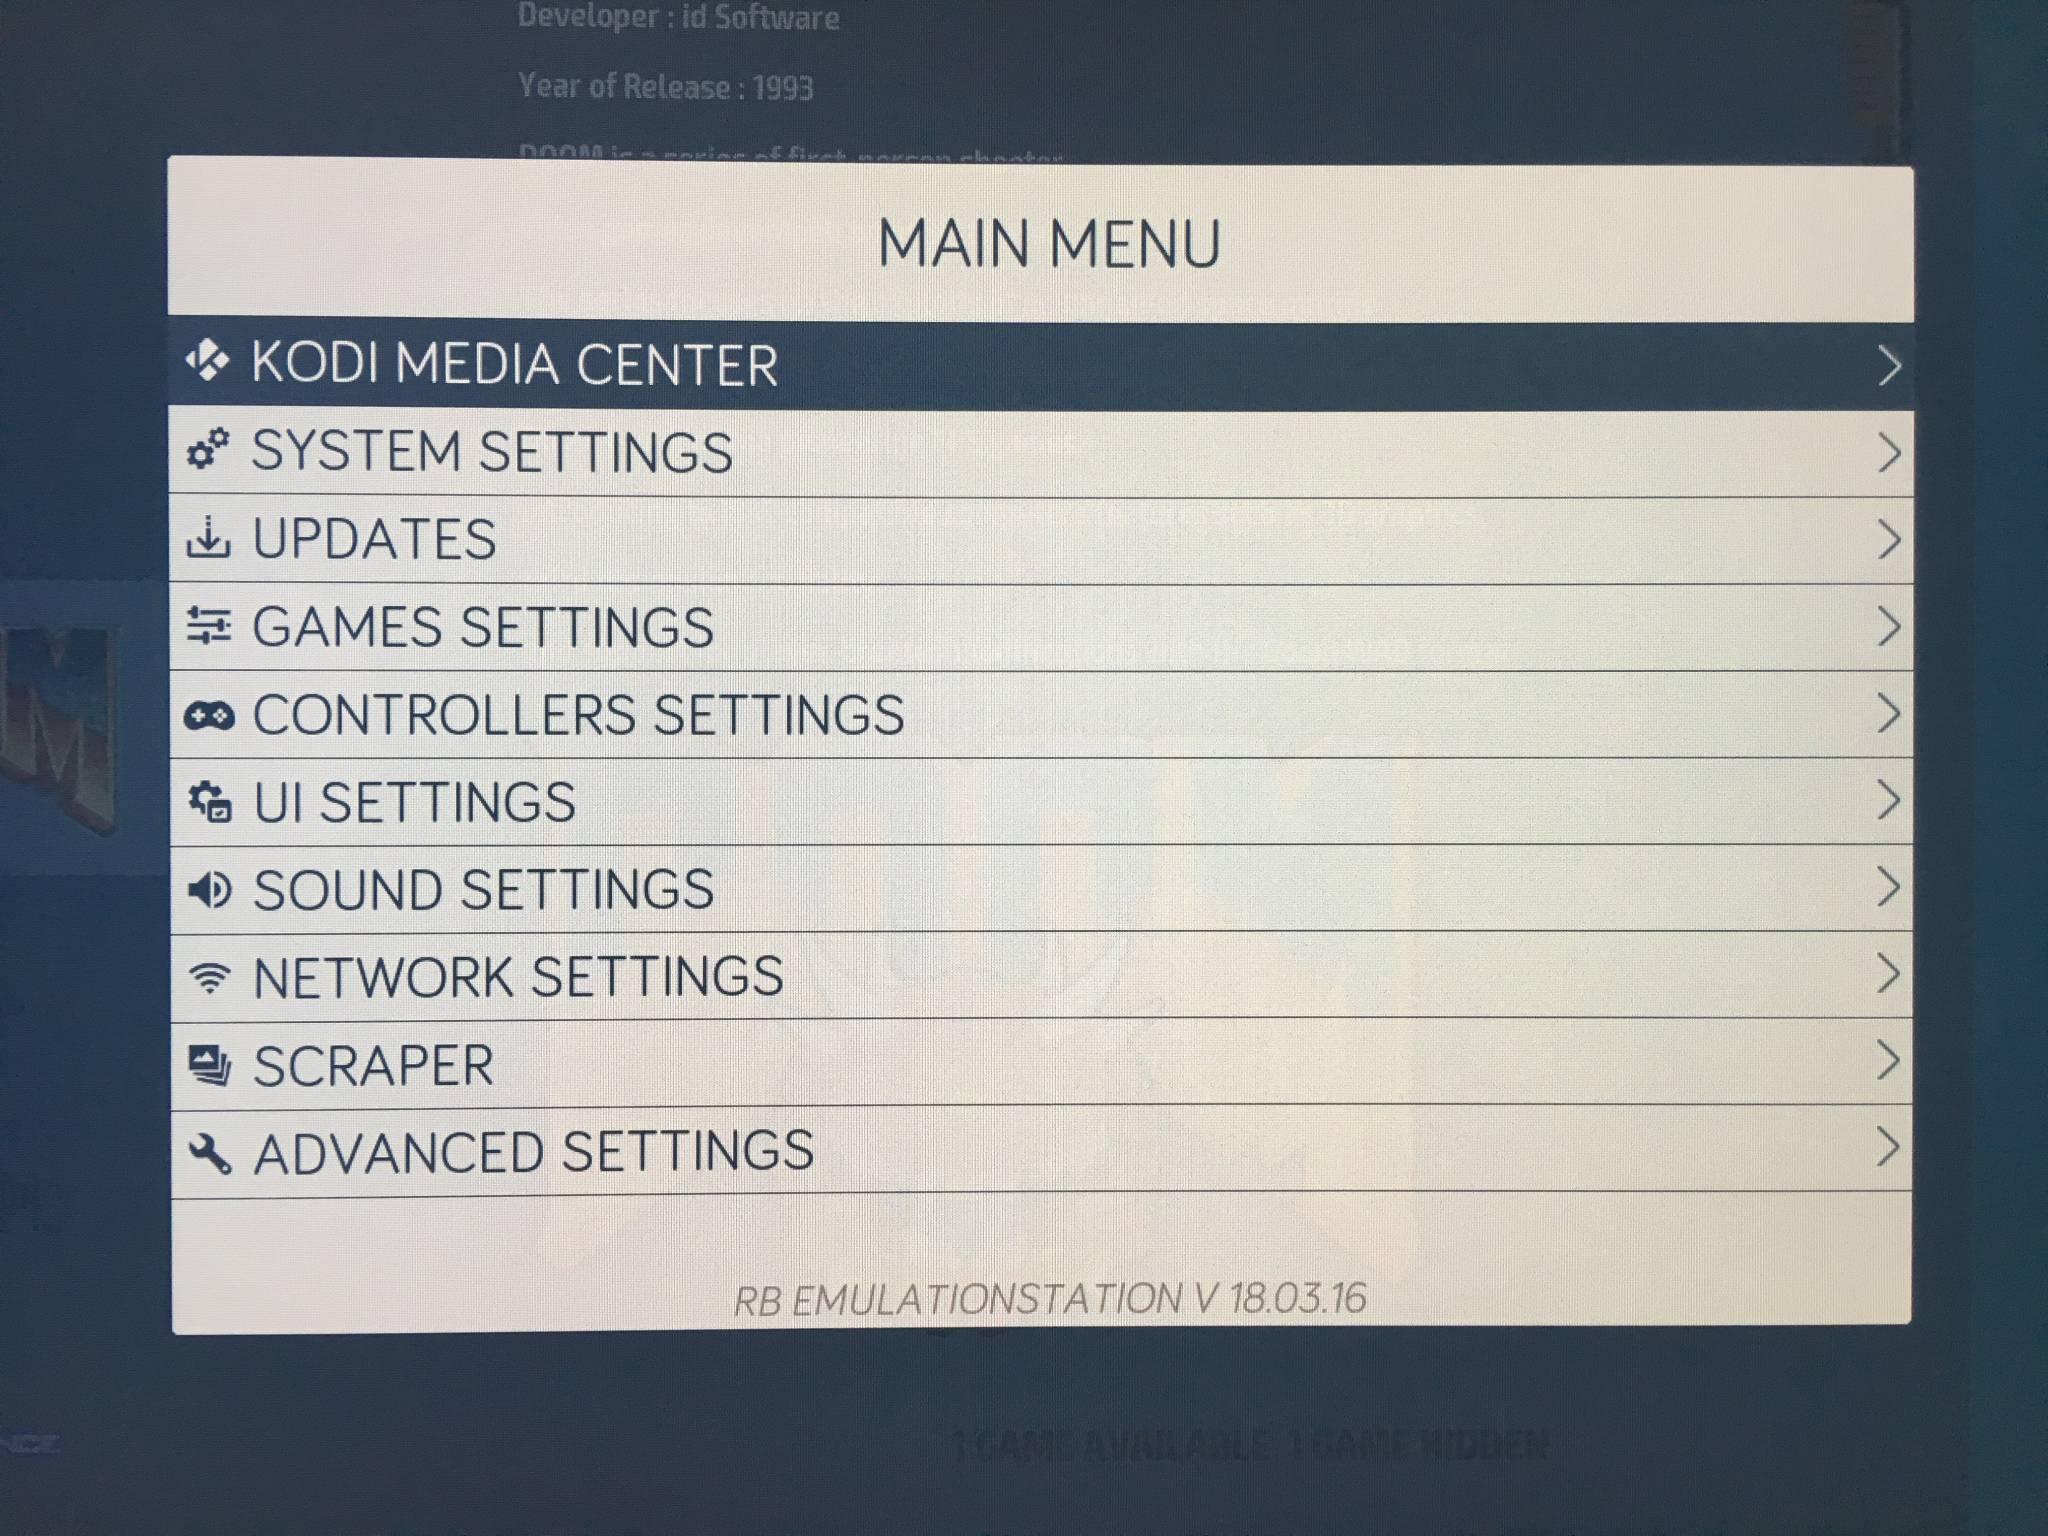 In den Settings könnt Ihr Sprache, WLAN-Verbindung oder Controller des Systems einstellen.